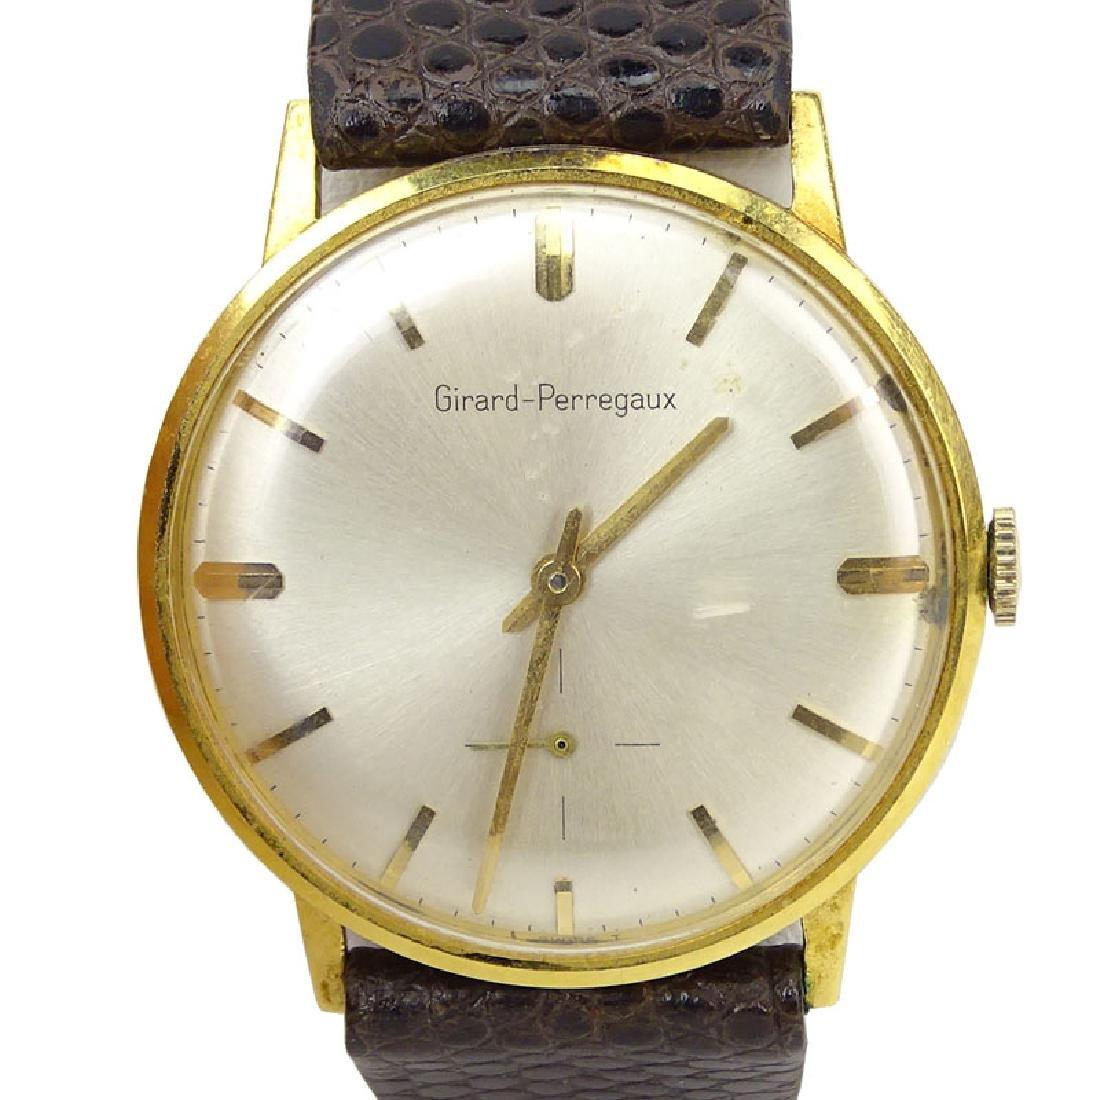 Man's Vintage Girard-Perregaux 14 Karat Yellow Gold